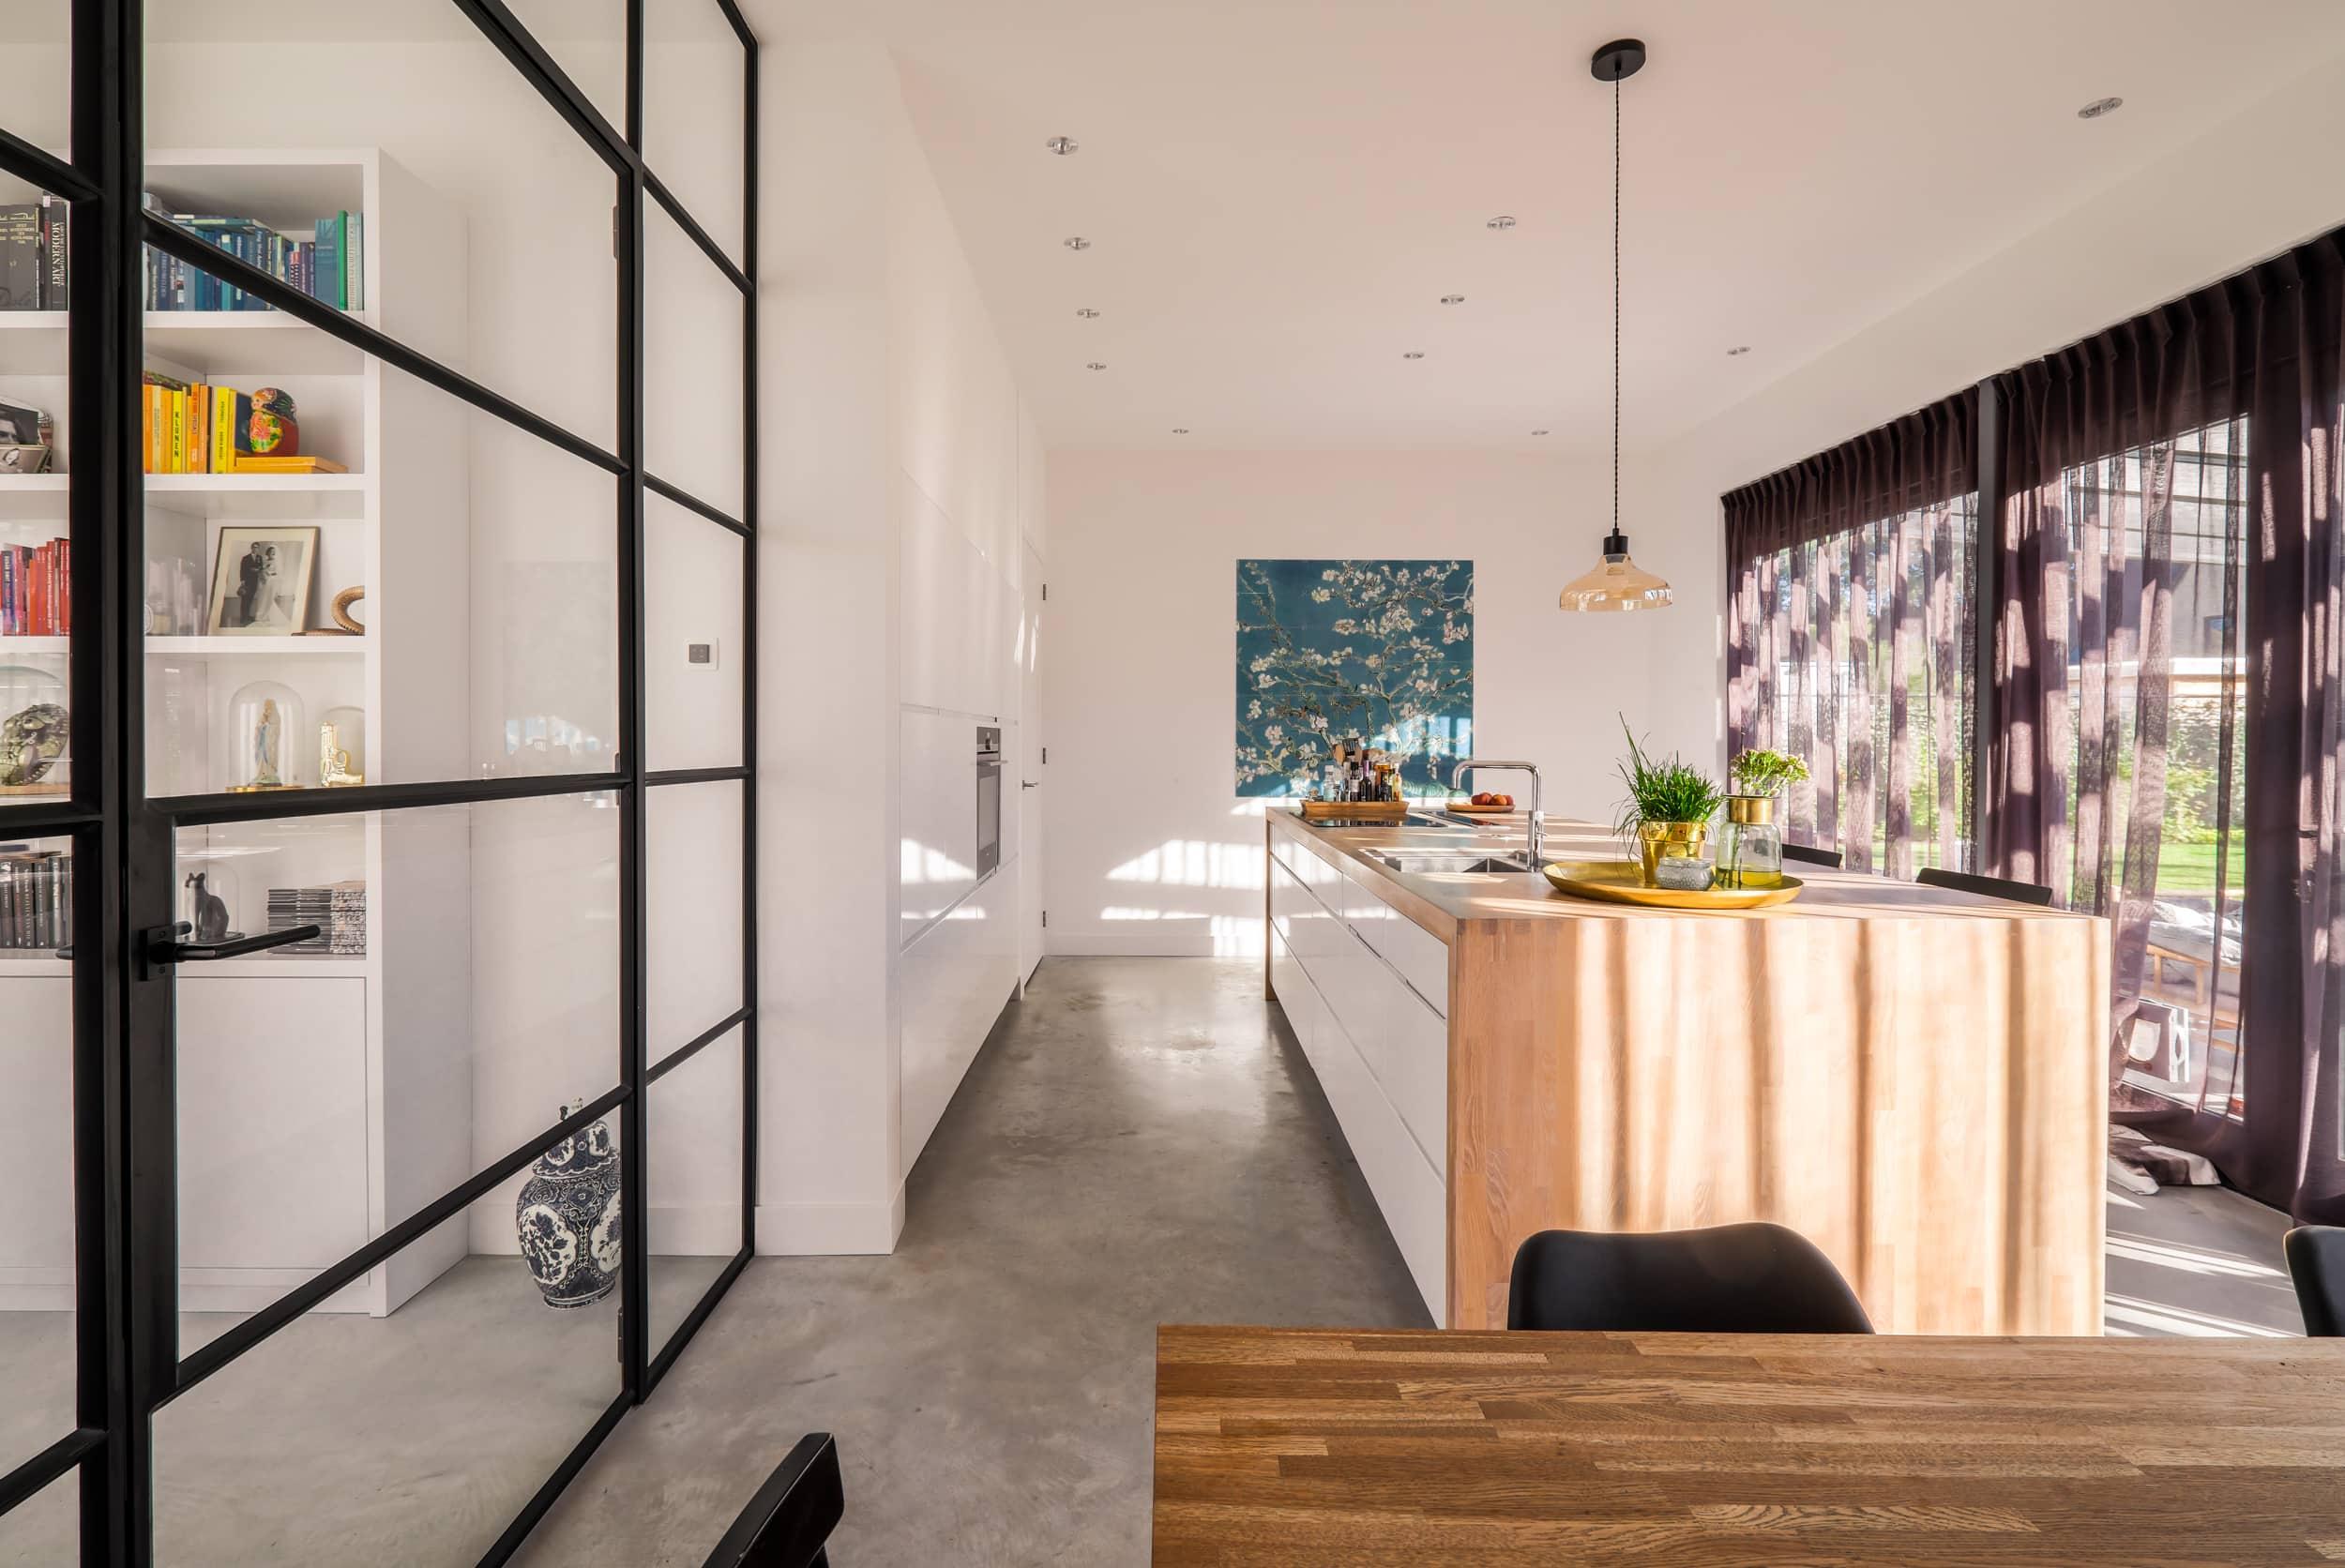 van-os-architecten-nieuwbouw-woning-Hoge-Gouw-Teteringen-kvik-kookeiland-en-zwarte-stalen-pui